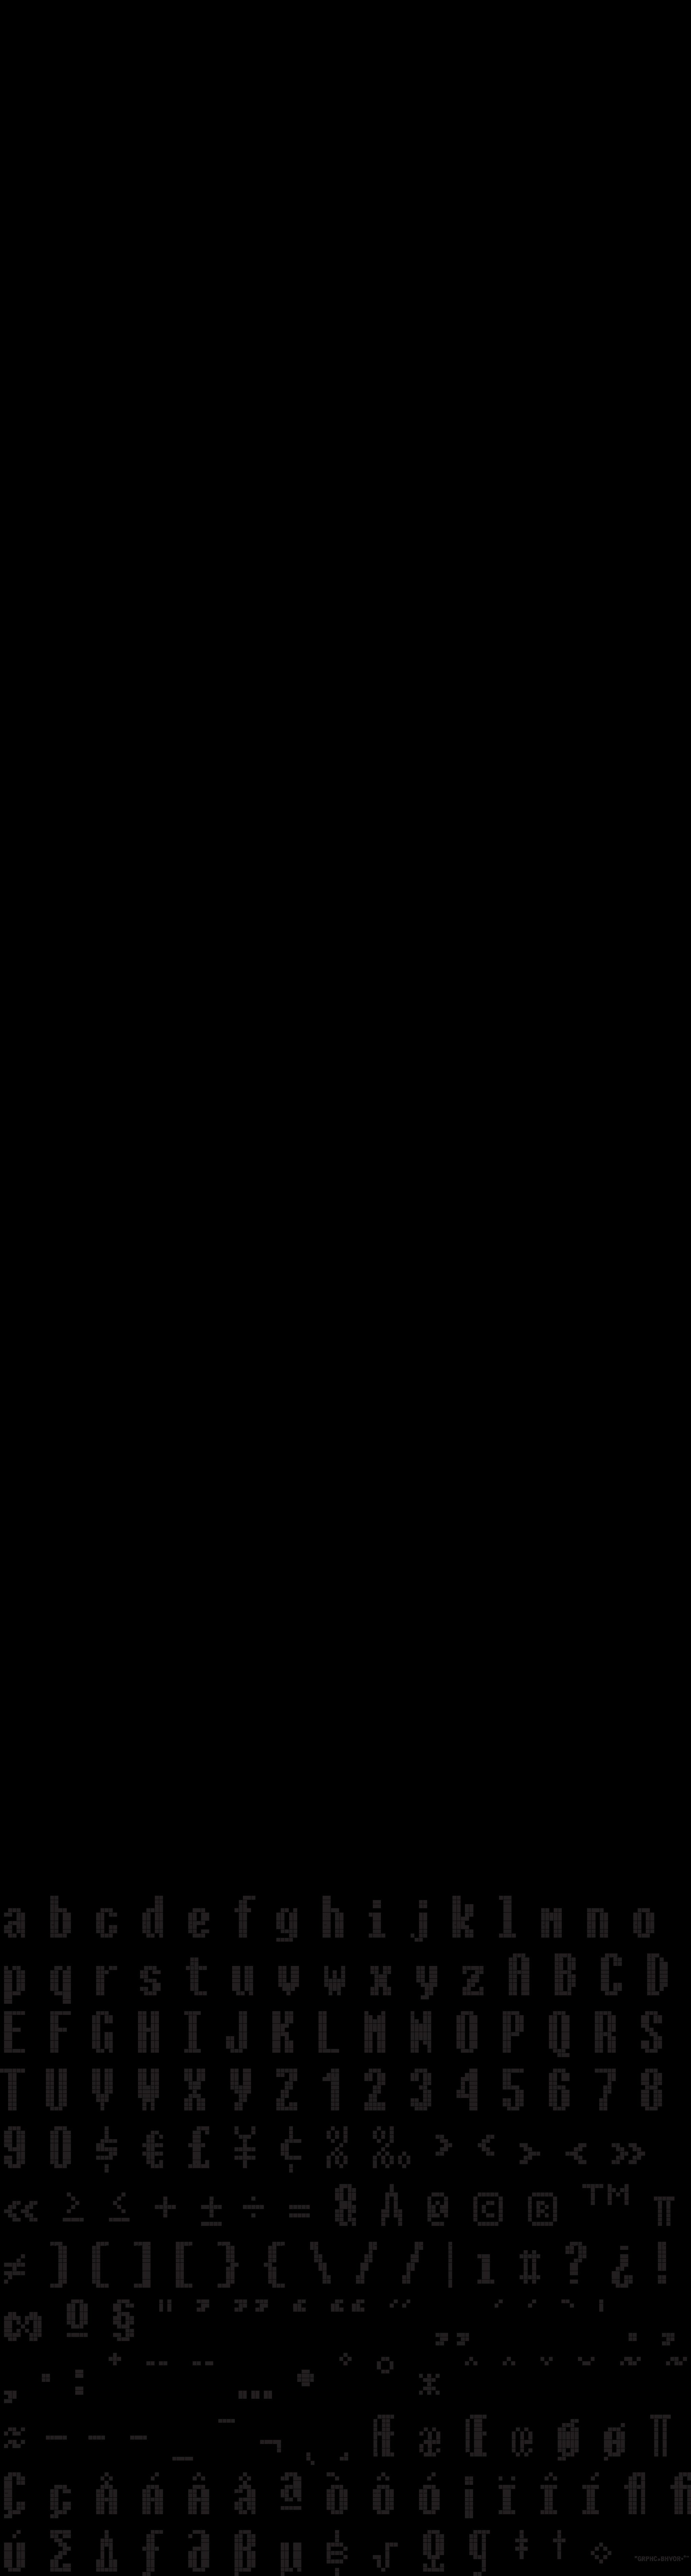 Cellular-one_2-billboard